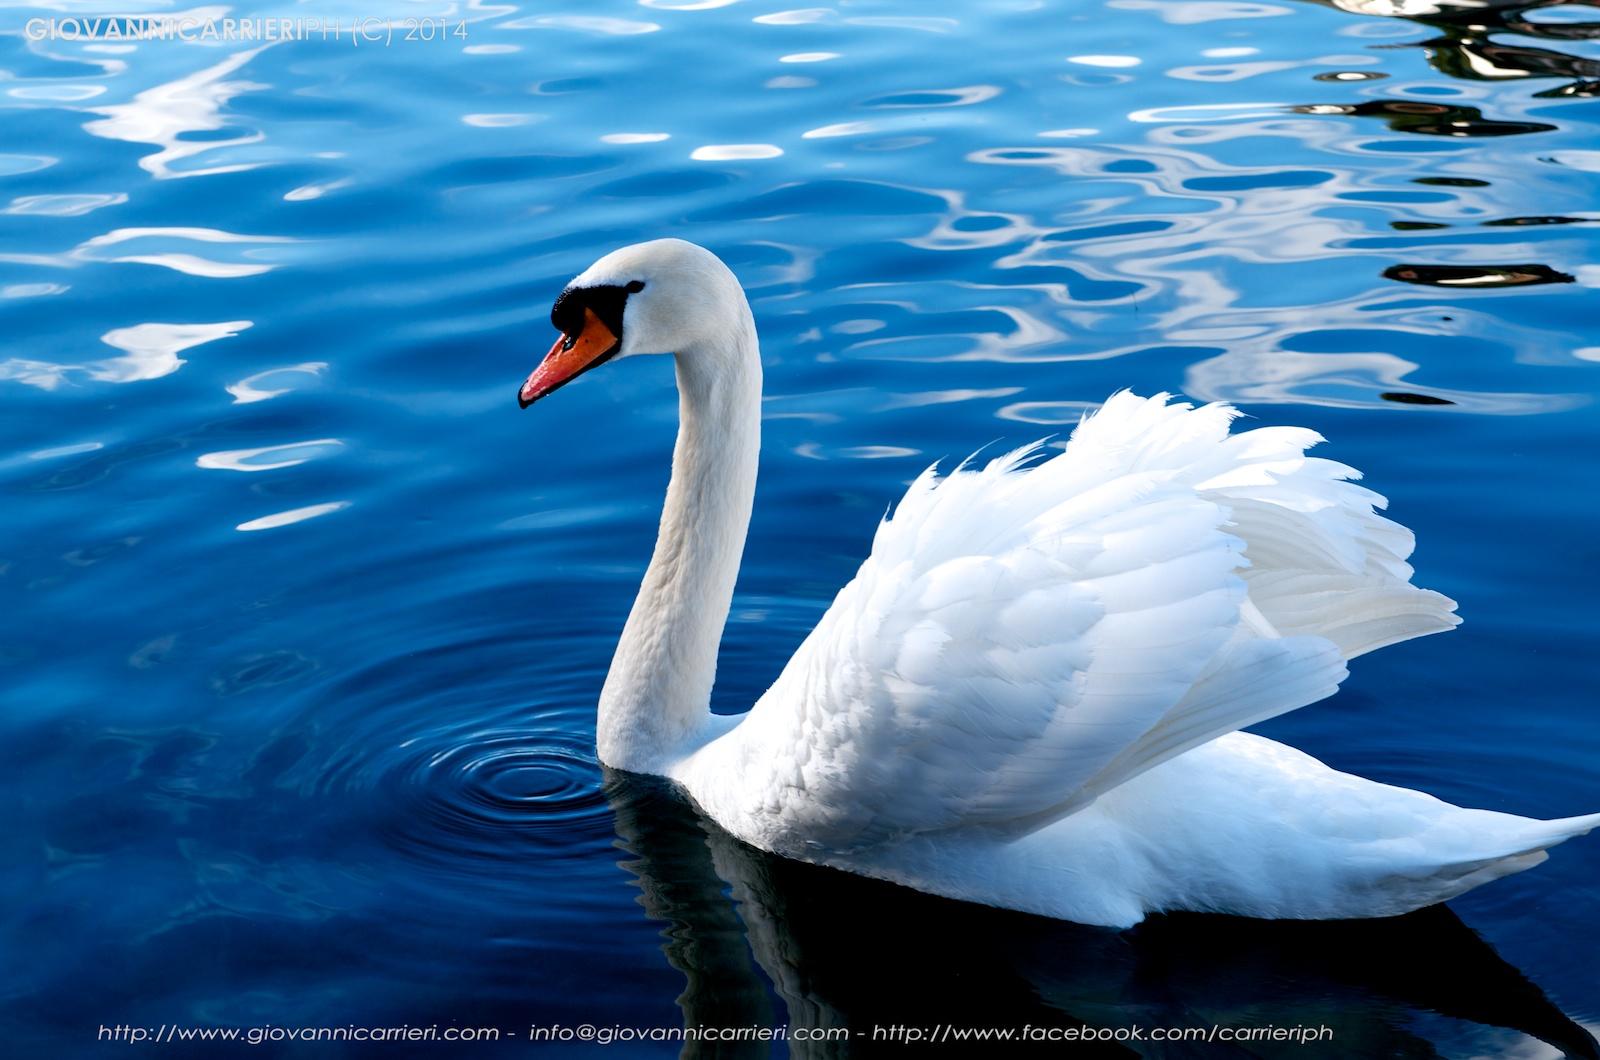 Un cigno nel lago di Lucerna